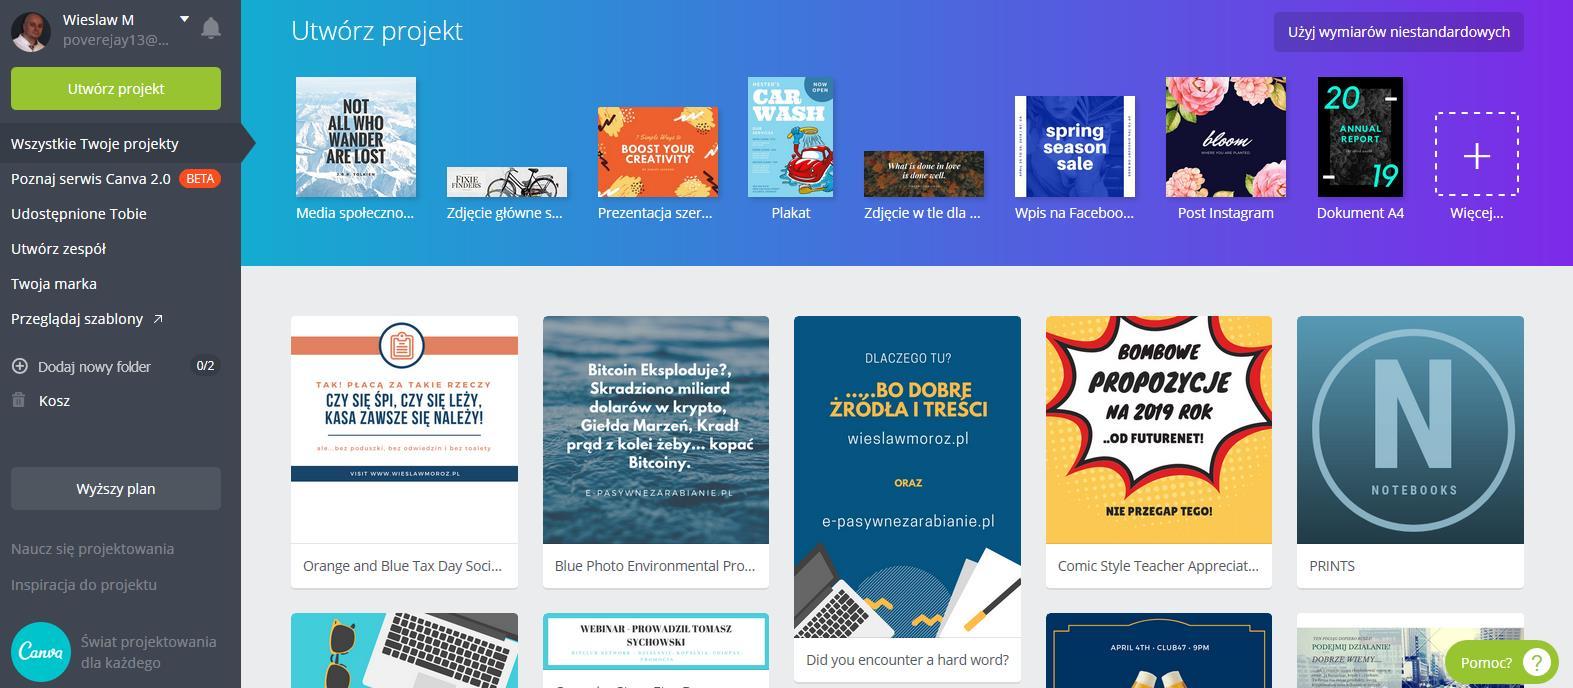 Canva i masz świetną, nowoczesną grafikę na Twój blog, stronę lub do reklamy firmy w której działasz (free)